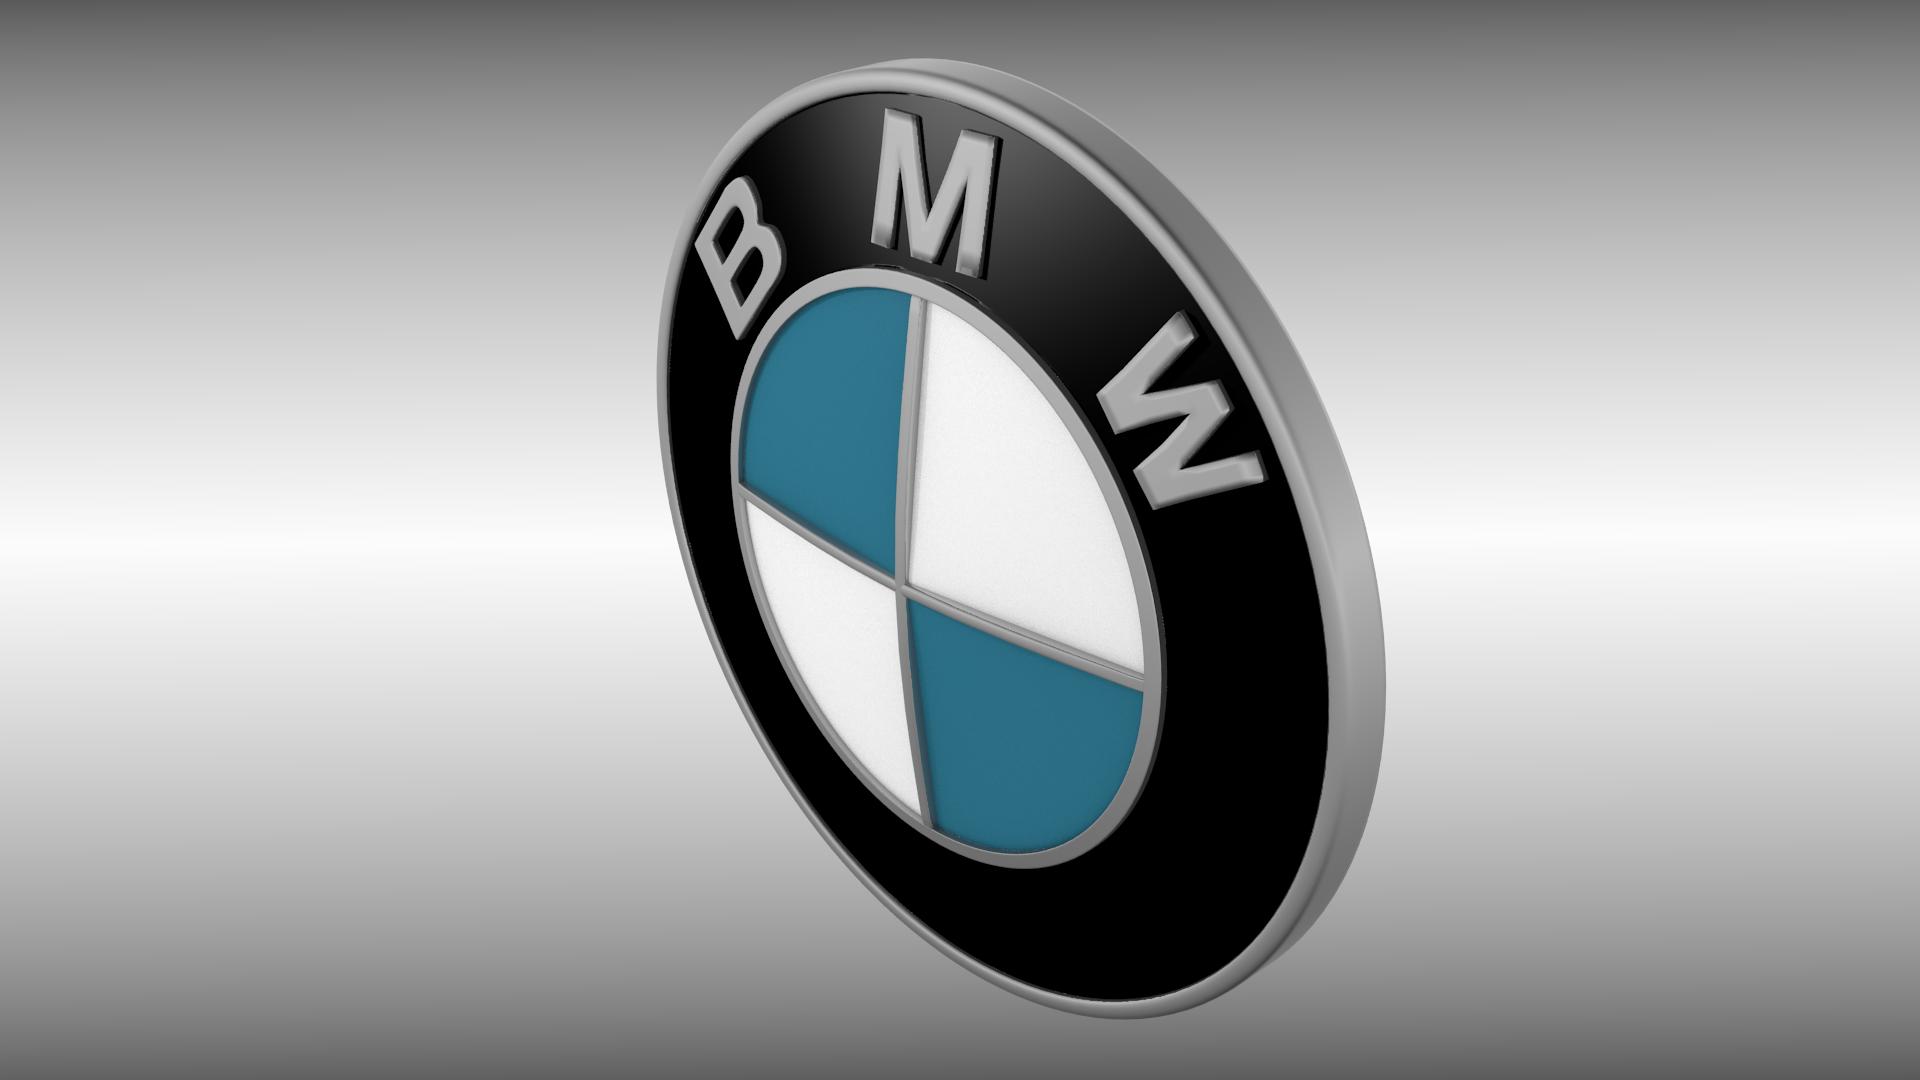 BMW logo 3D Model .obj .blend - CGTrader.com